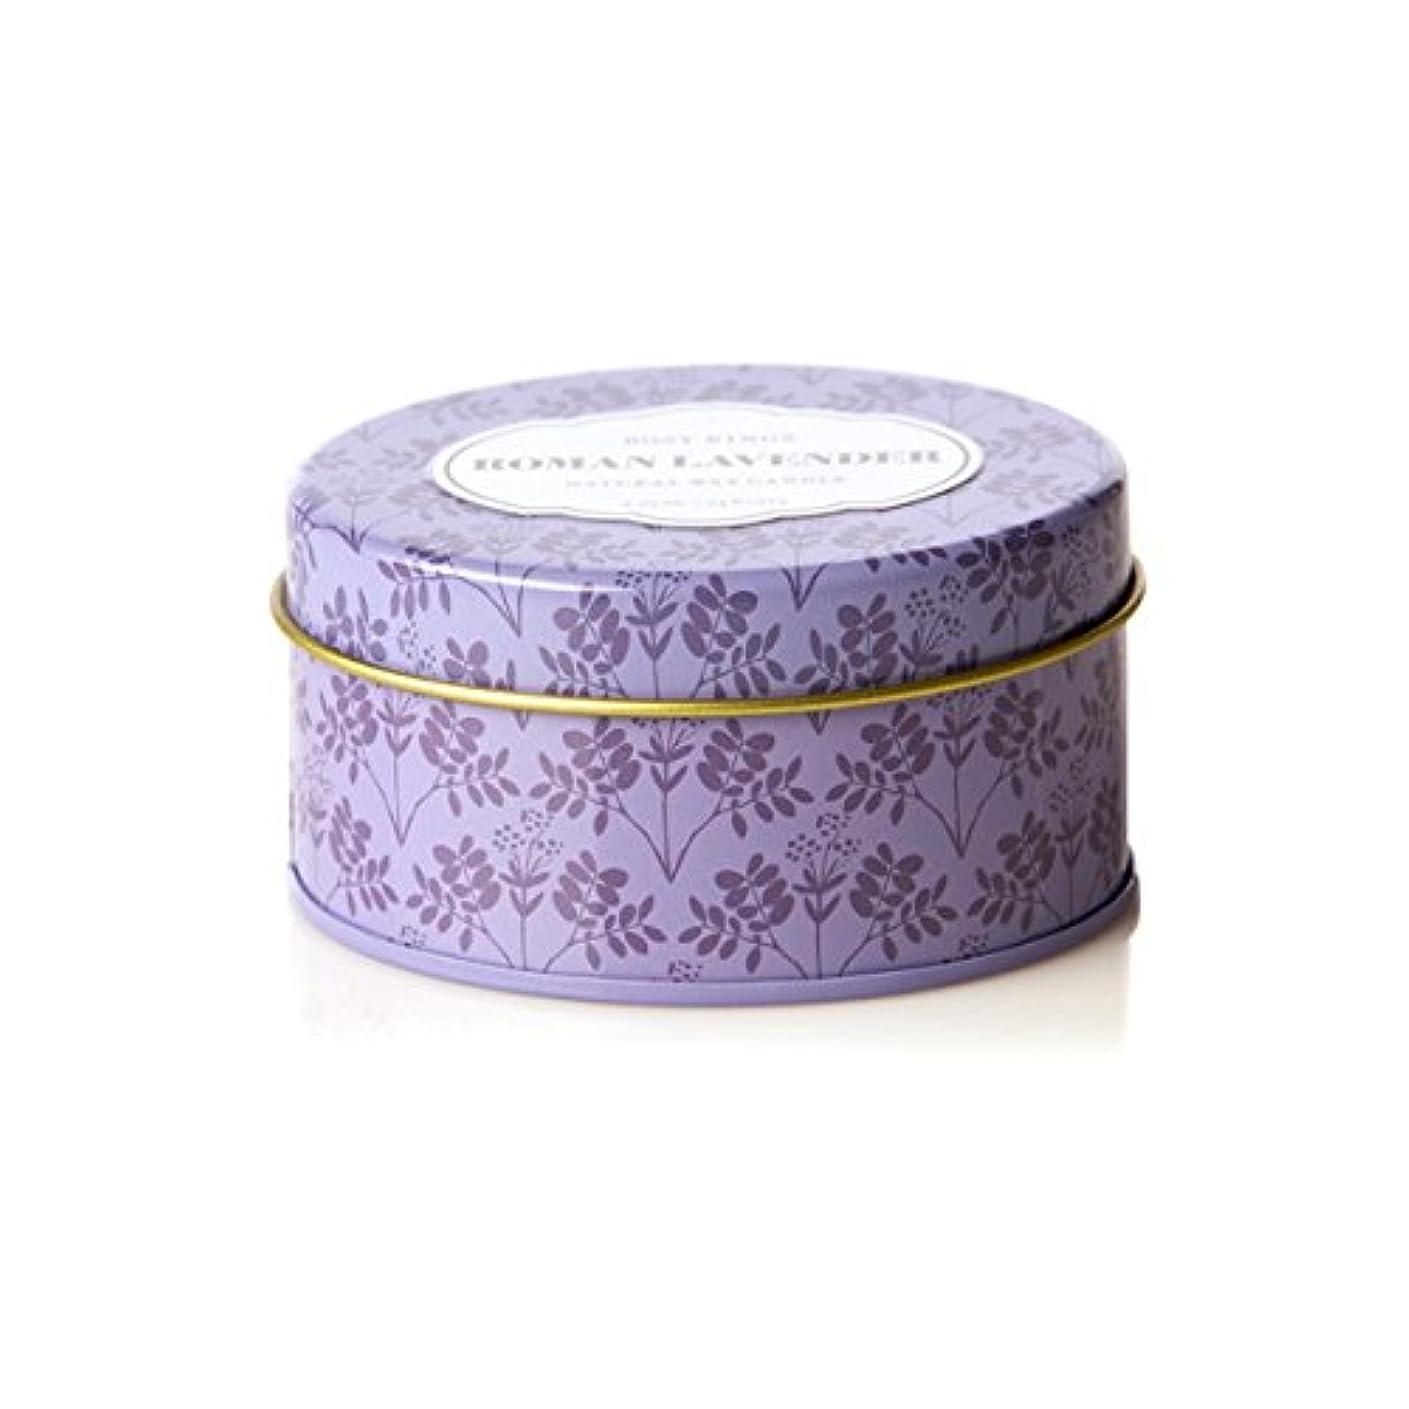 電圧宣教師ヤングロージーリングス トラベルティンキャンドル ロマンラベンダー ROSY RINGS Roman Lavender Travel Tin